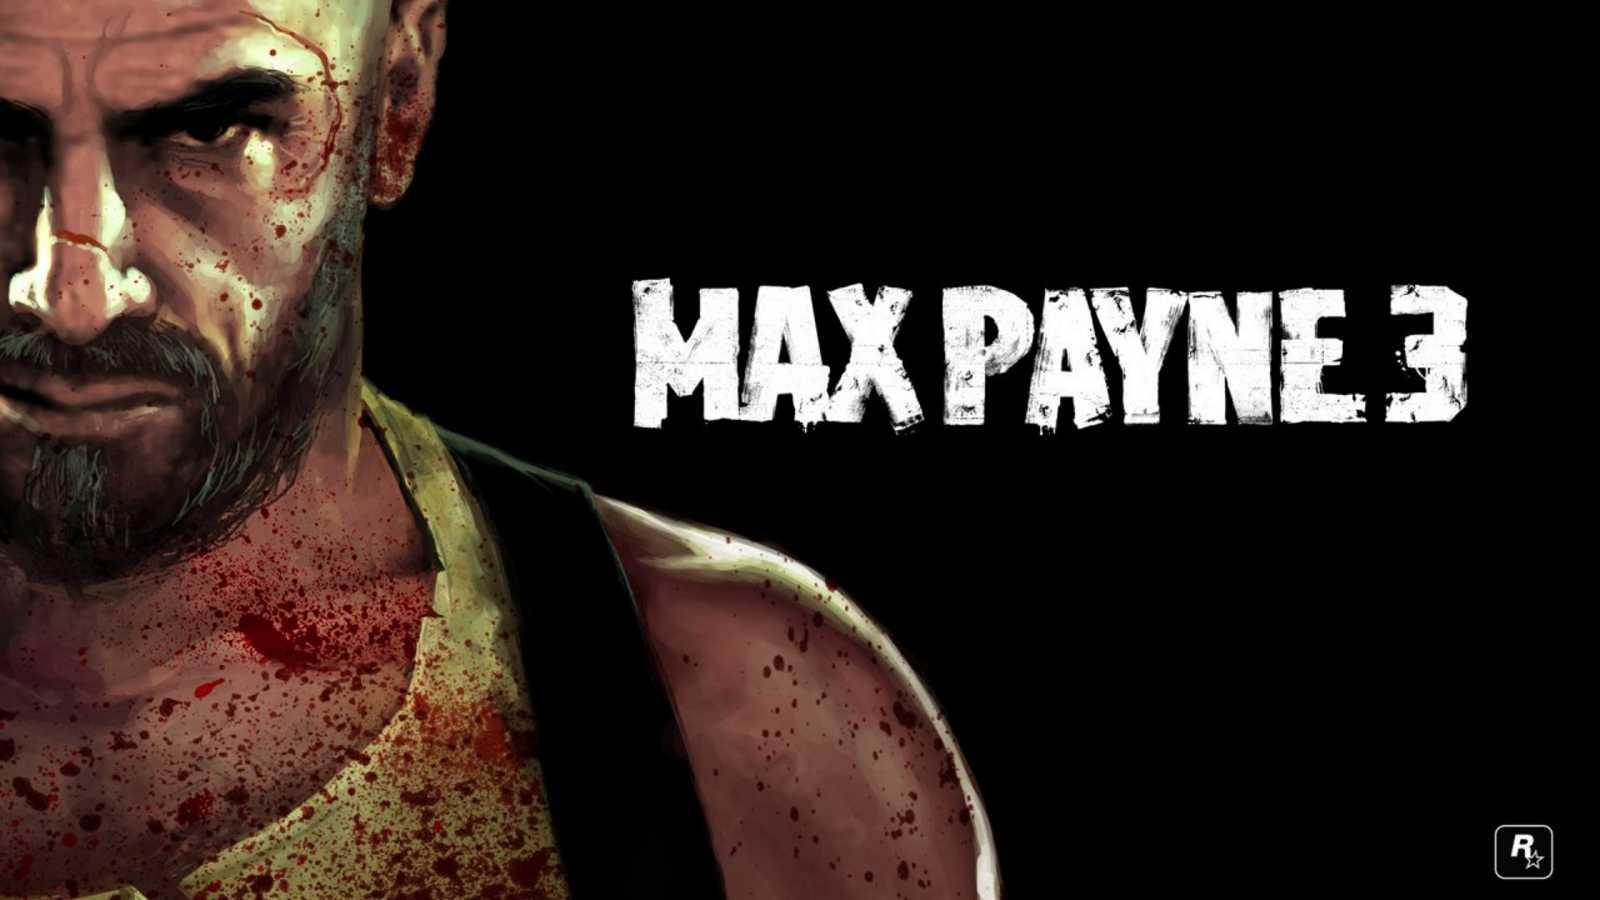 http://2.bp.blogspot.com/-p1fHso2R2xw/UNdNAmZfprI/AAAAAAAAqx4/AA8H9-hP0wc/s1600/1600x900+Wallpaper+-+Max+Payne+3+-+max-payne3-wallpaper-3-hd.jpg